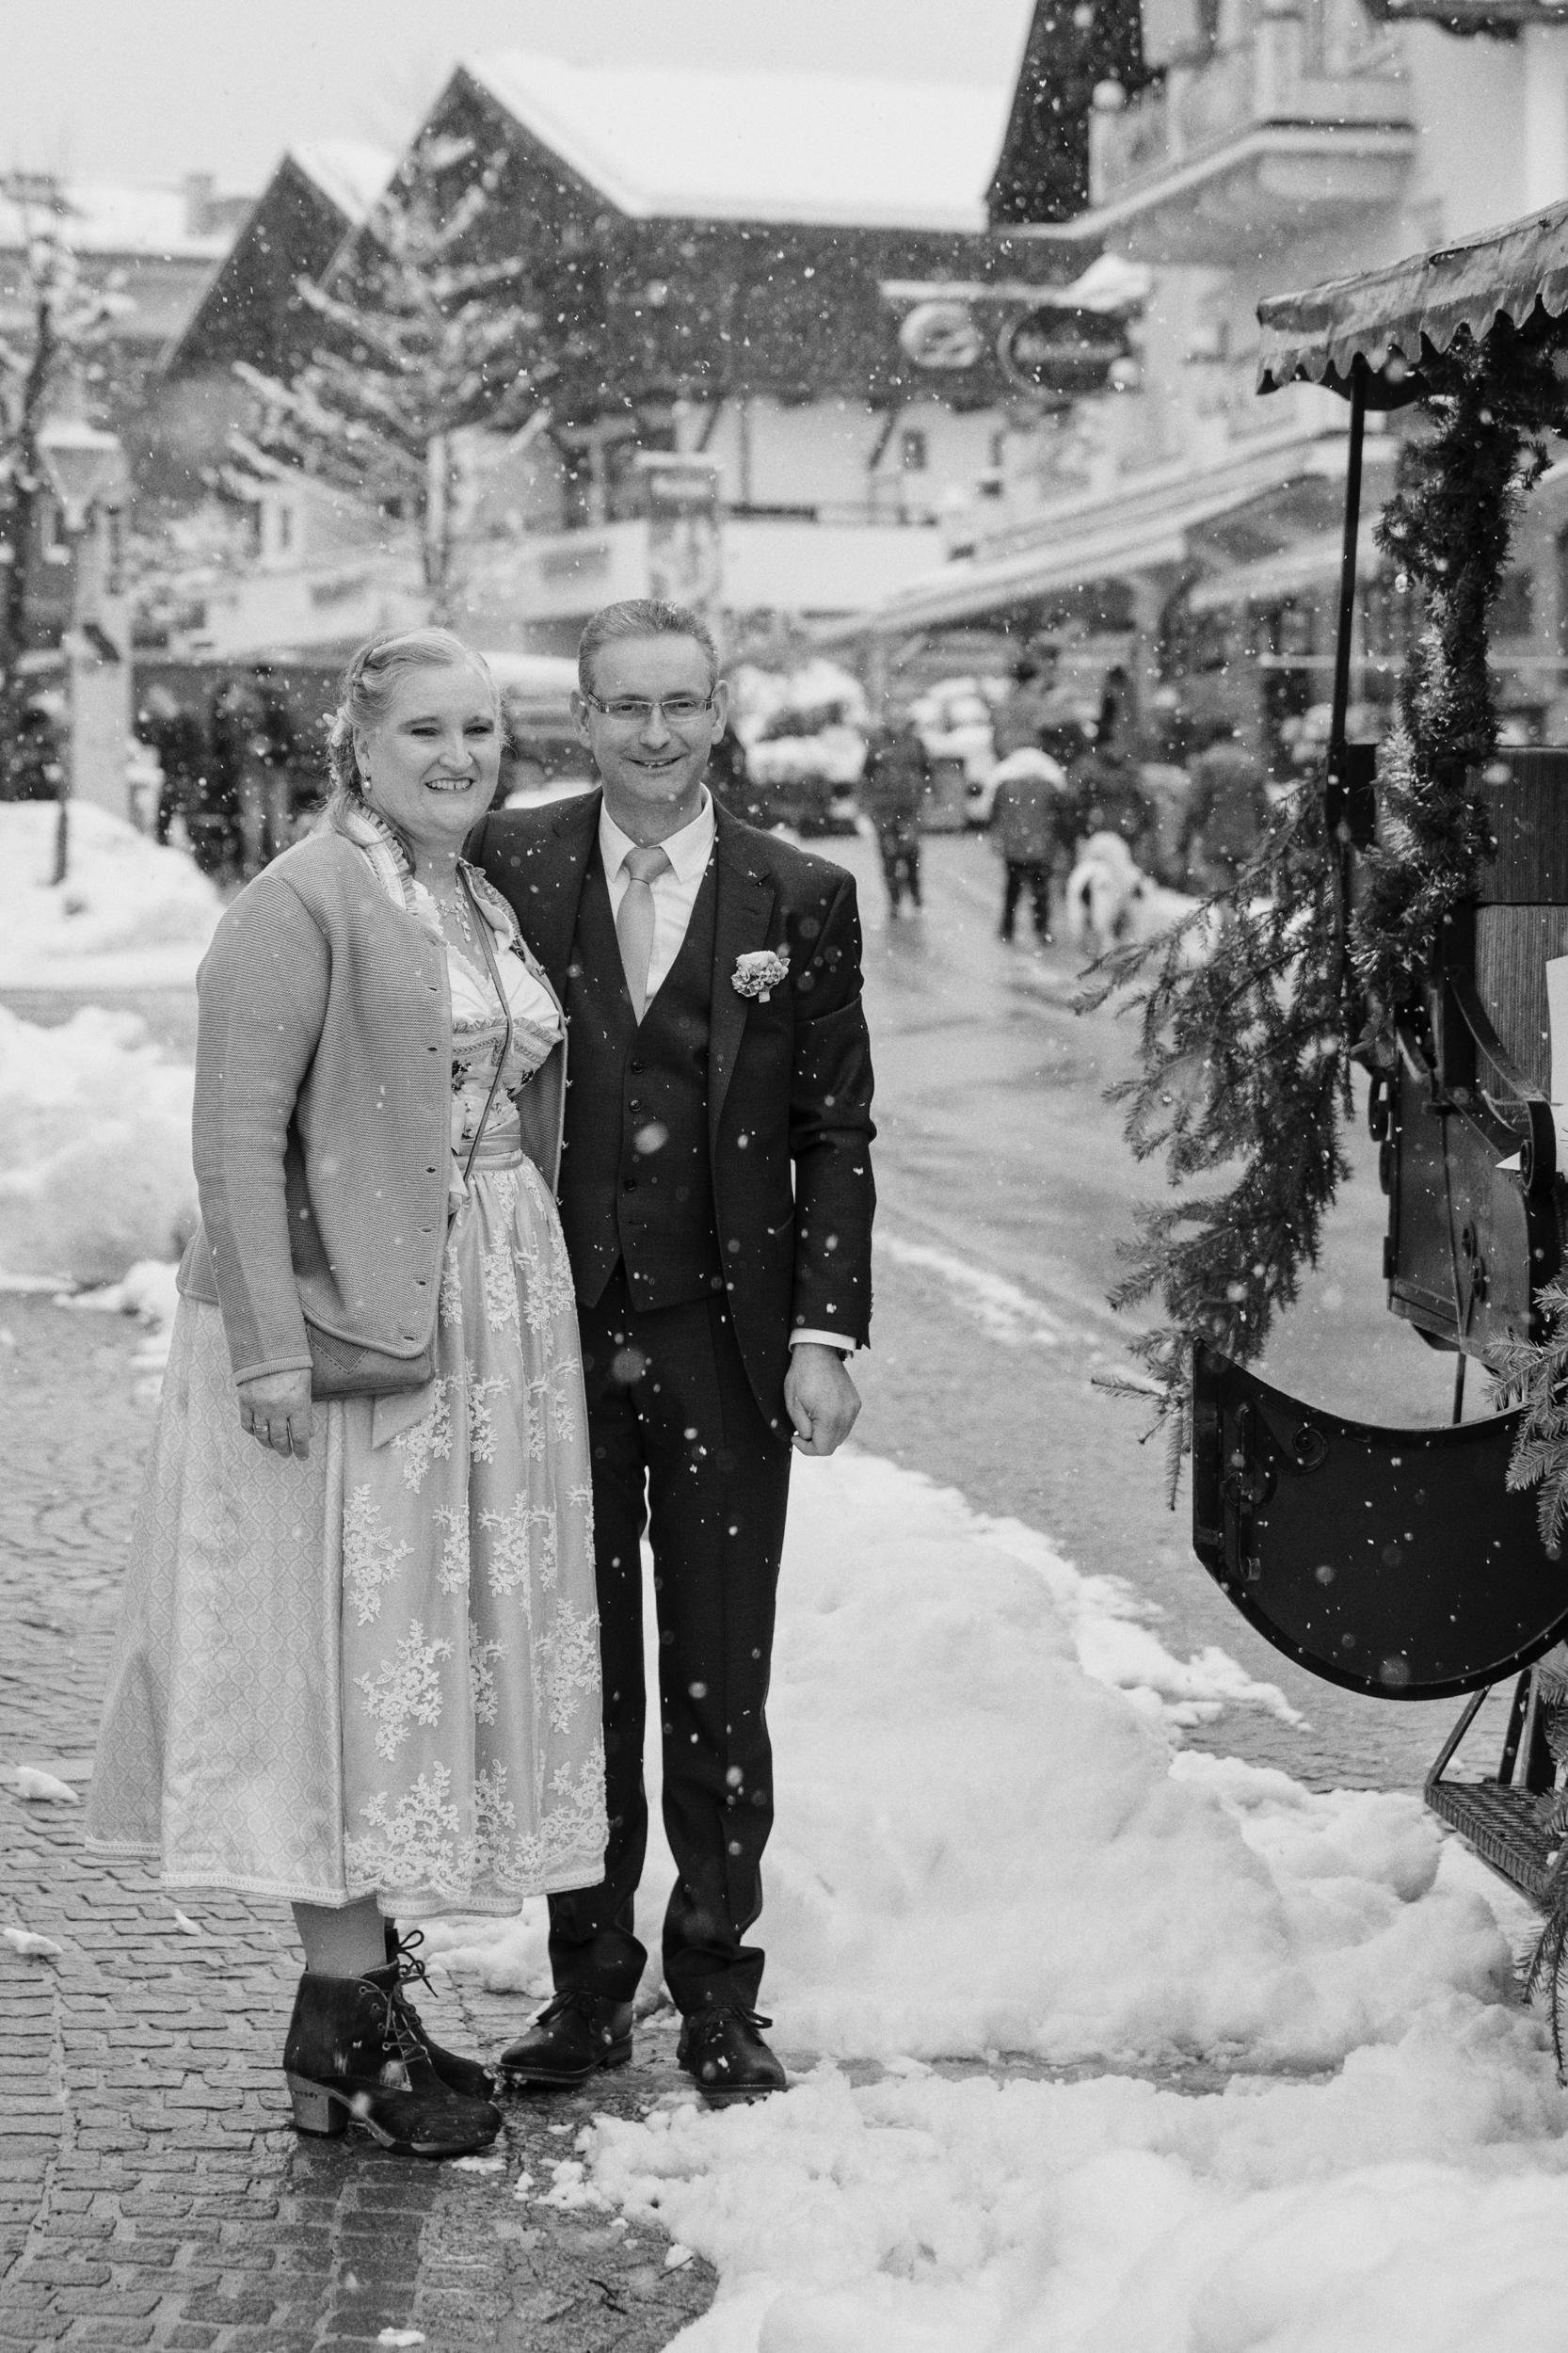 20190212_Hochzeit Koenig_0476-Edit.jpg